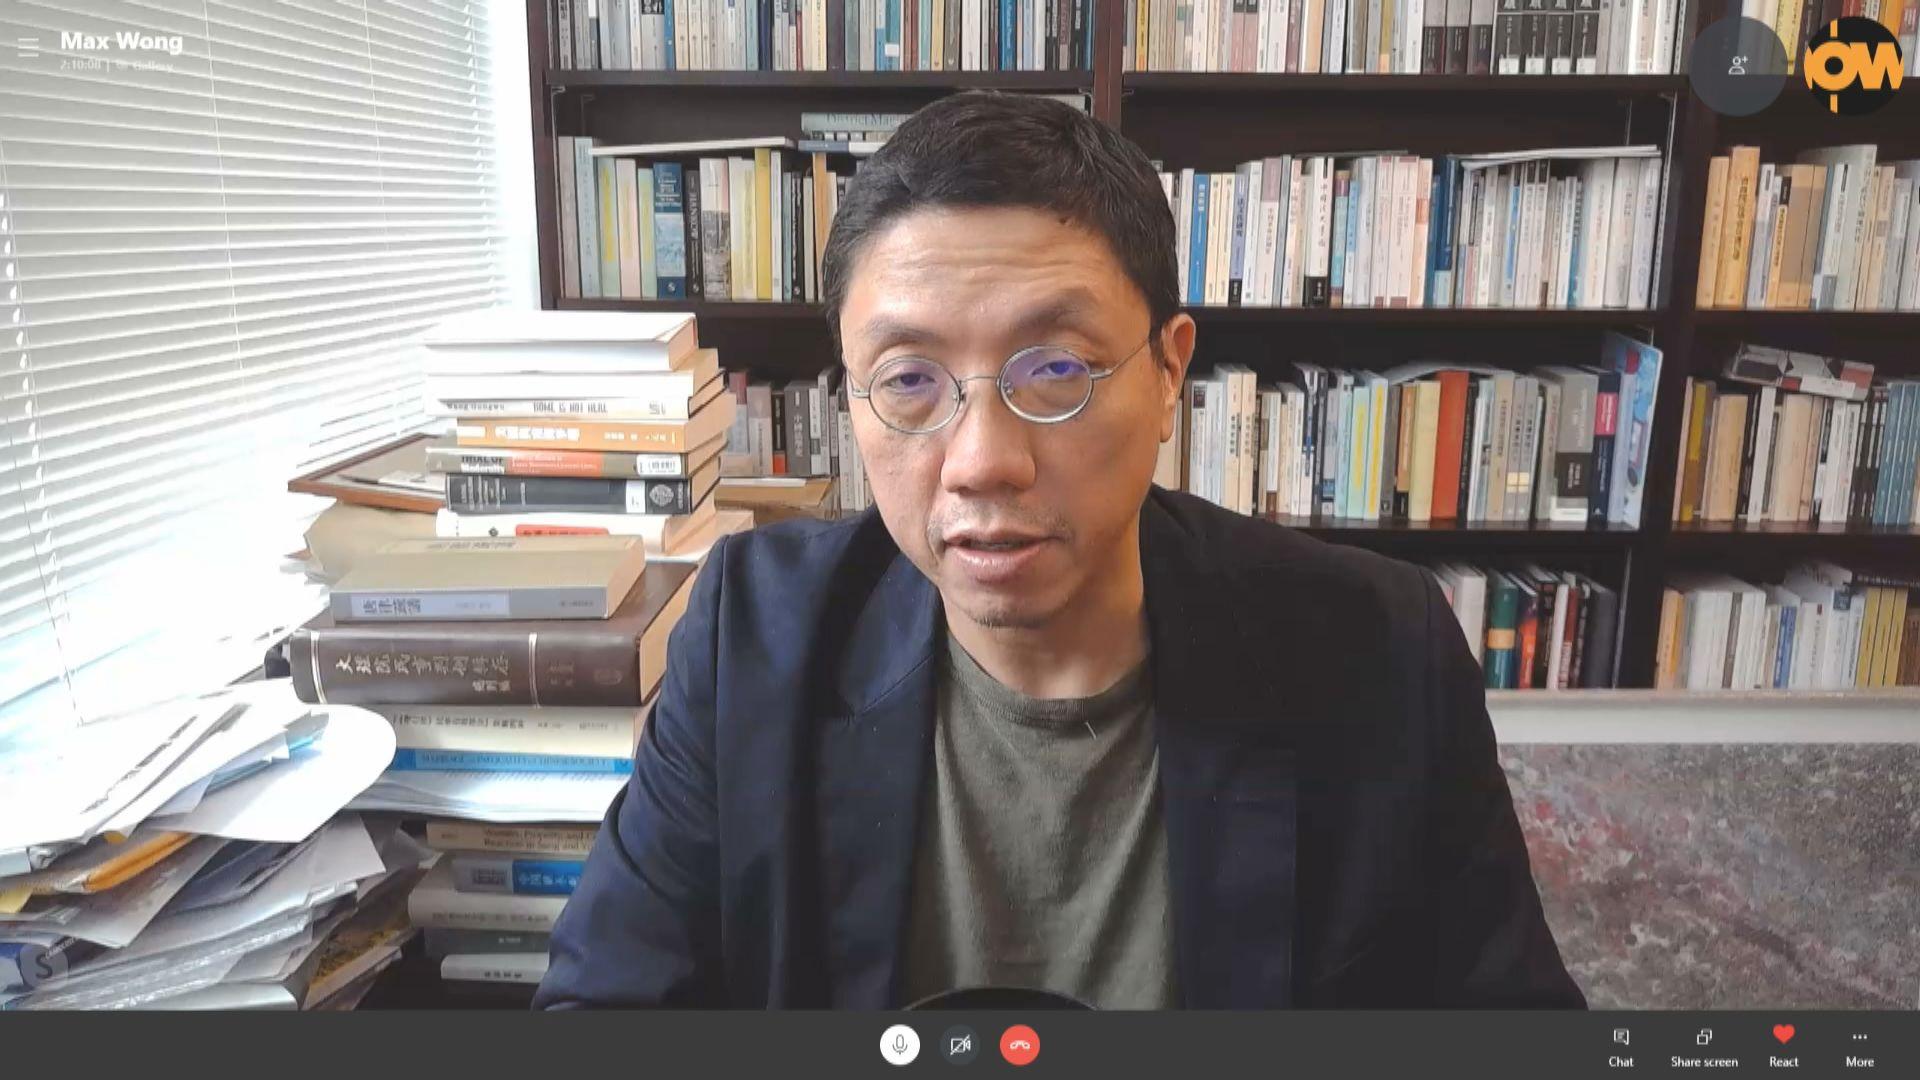 【MAX觀點】若全體議員延任屬北京軟性手段 民主派須考慮是否總辭?